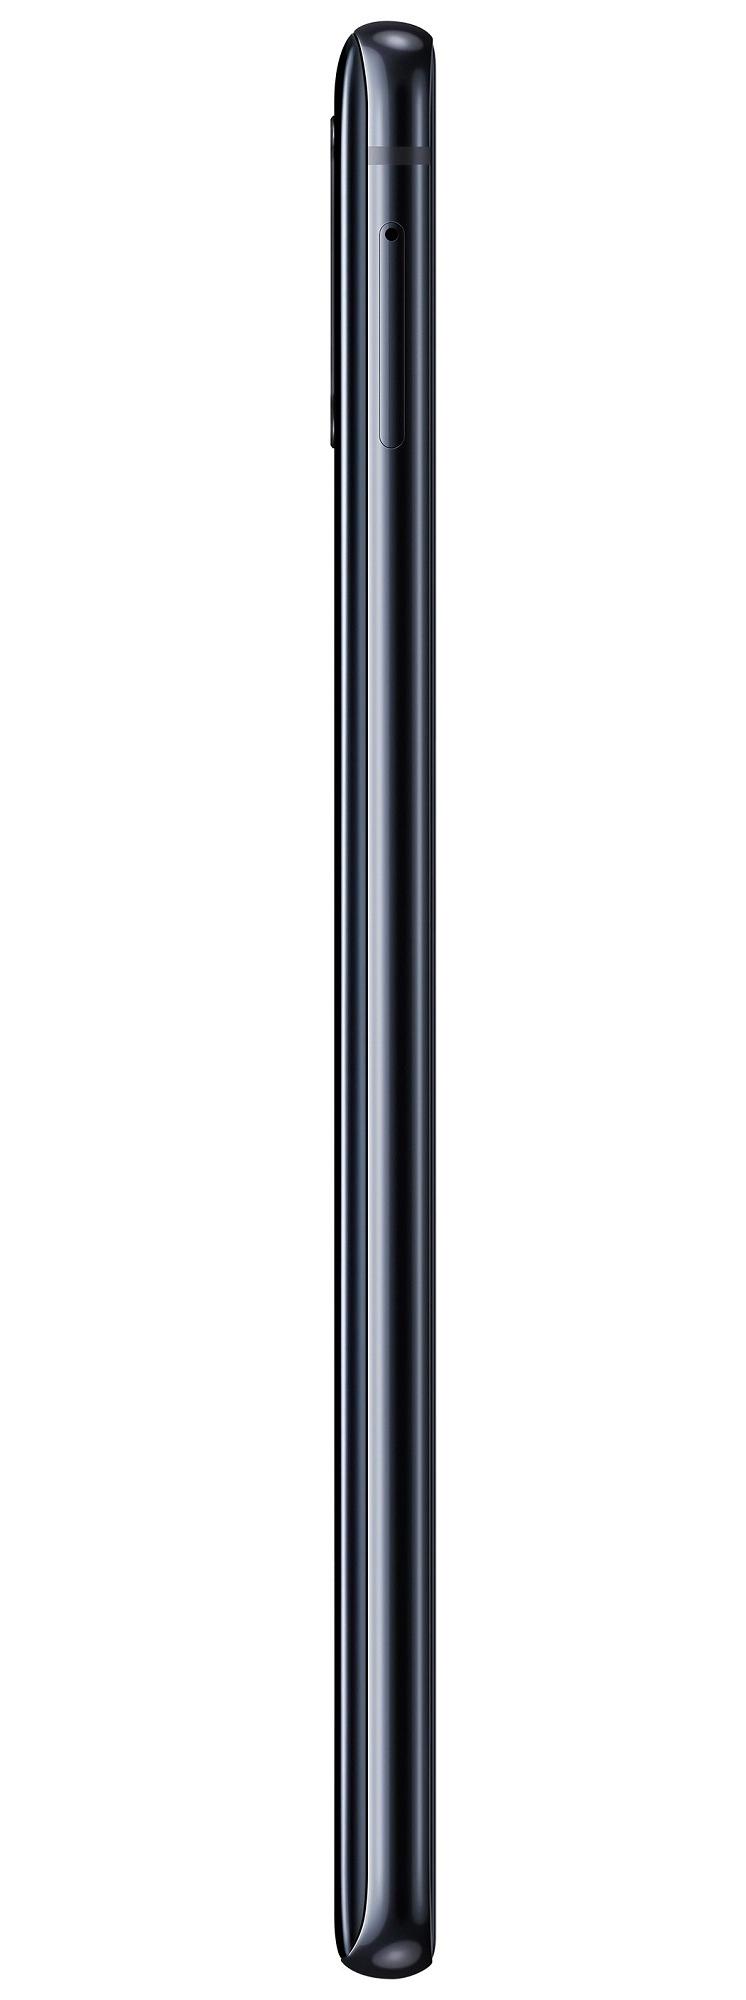 Samsung Galaxy Note 10 Lite (SM-N770) 355045112026600 - 3